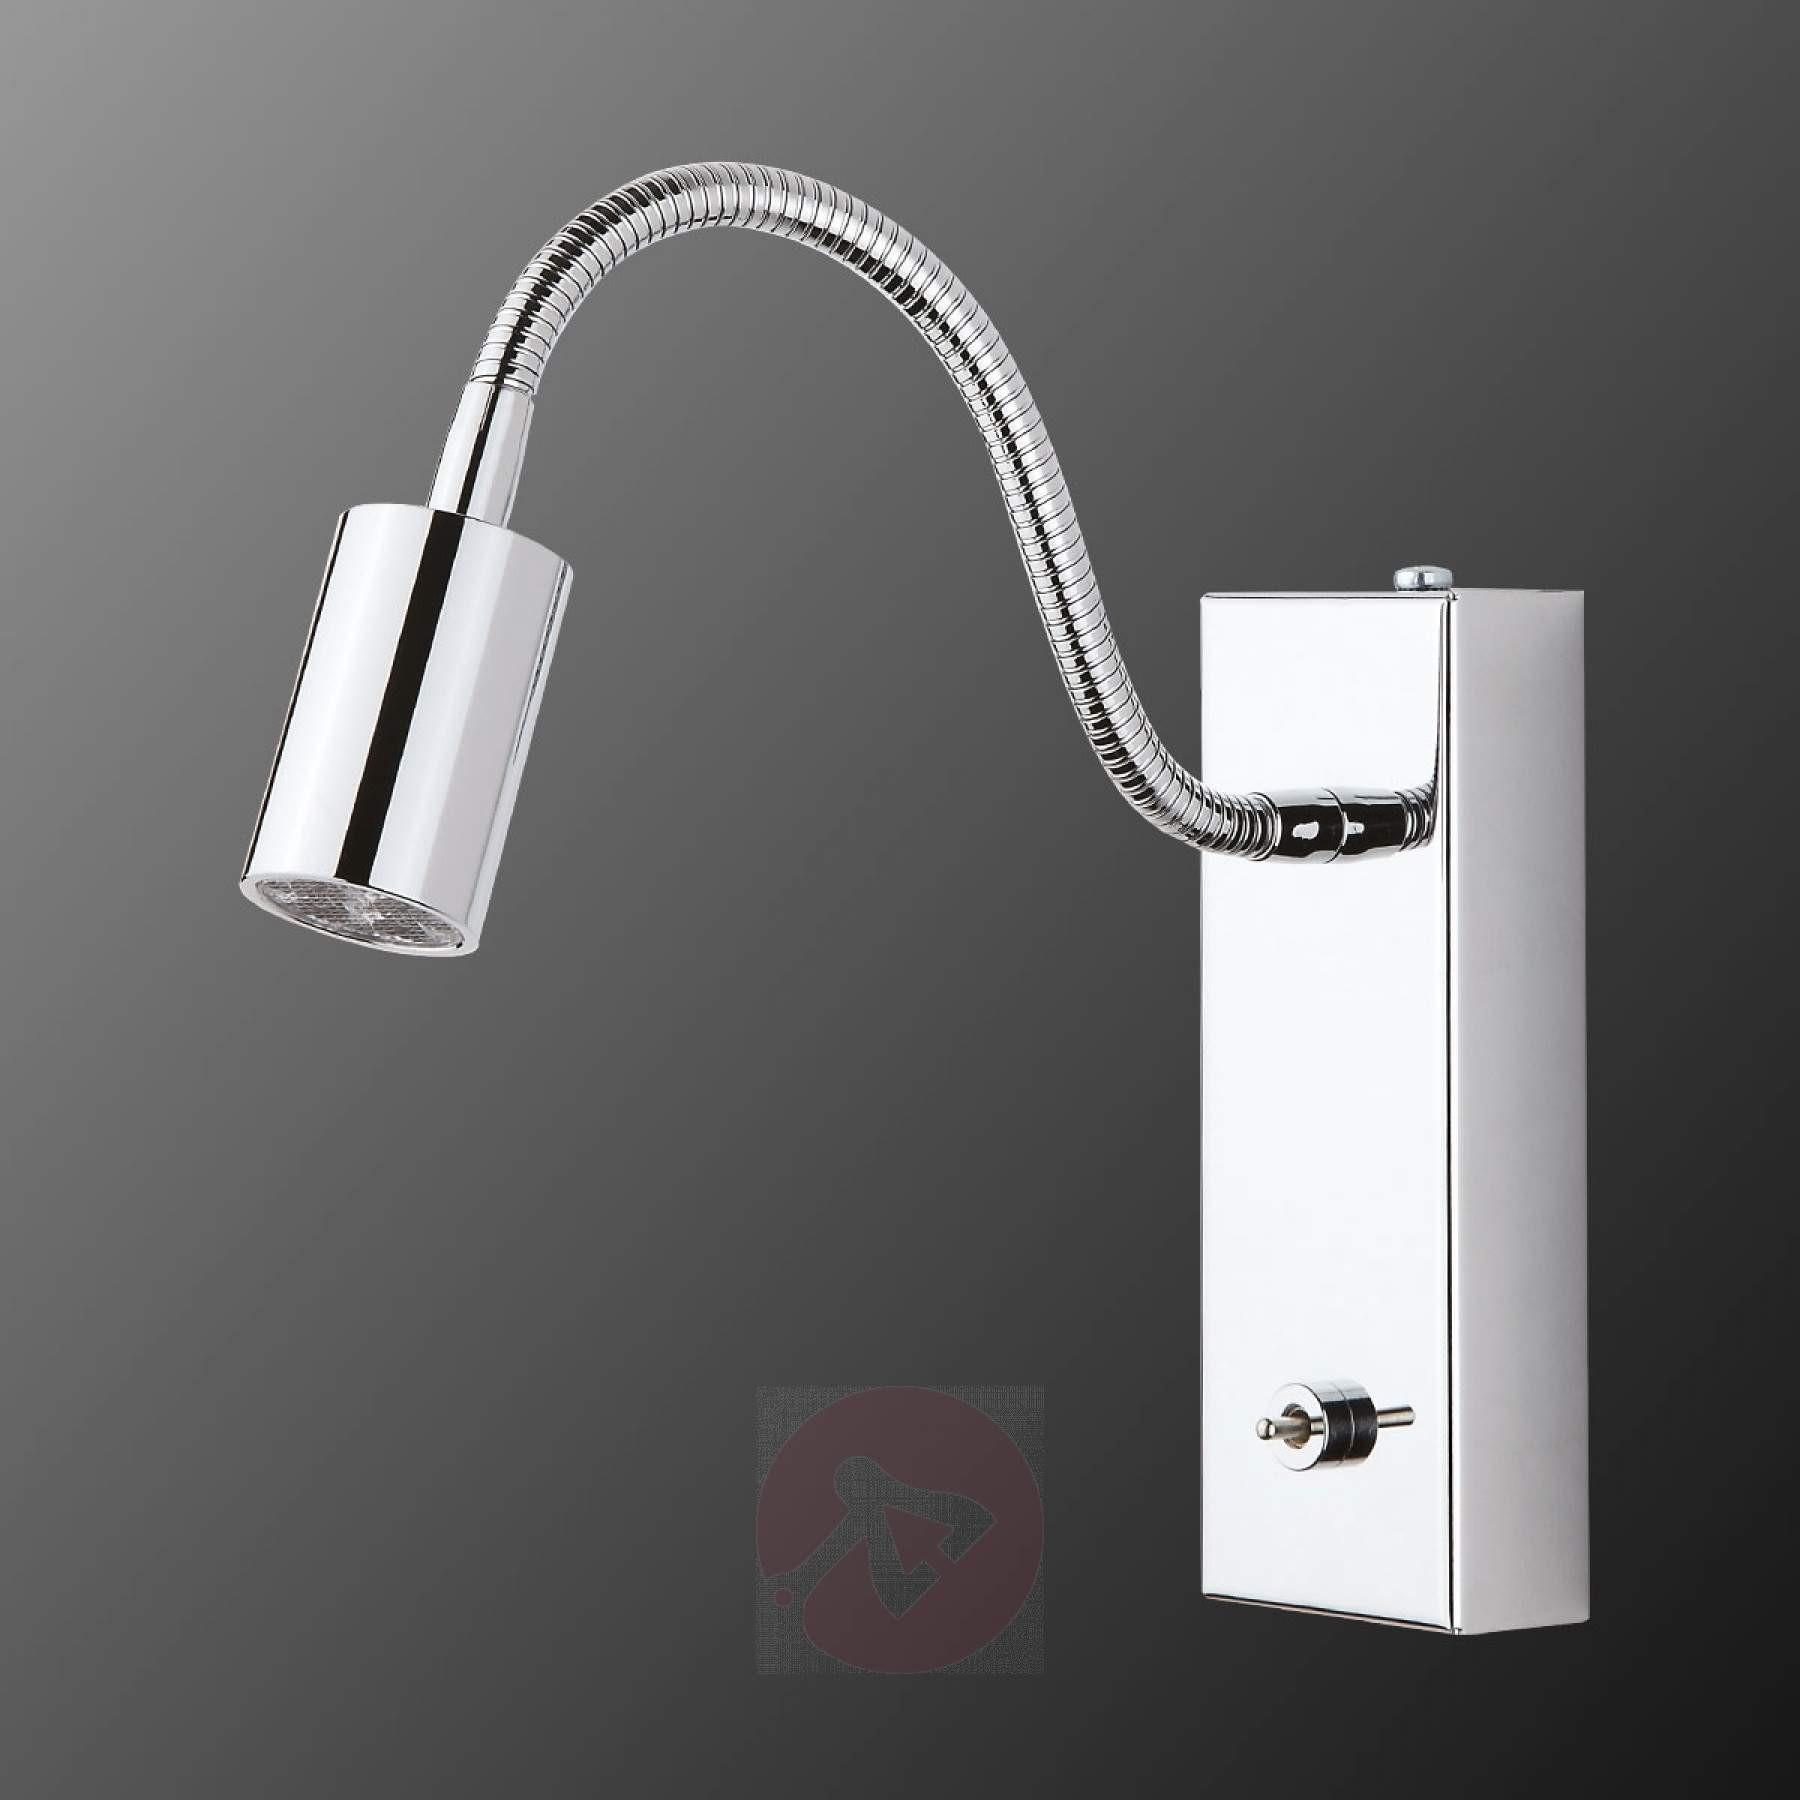 Wandlampe Mit Schalter  Bewegliche LED Wandleuchte mit Schalter kaufen